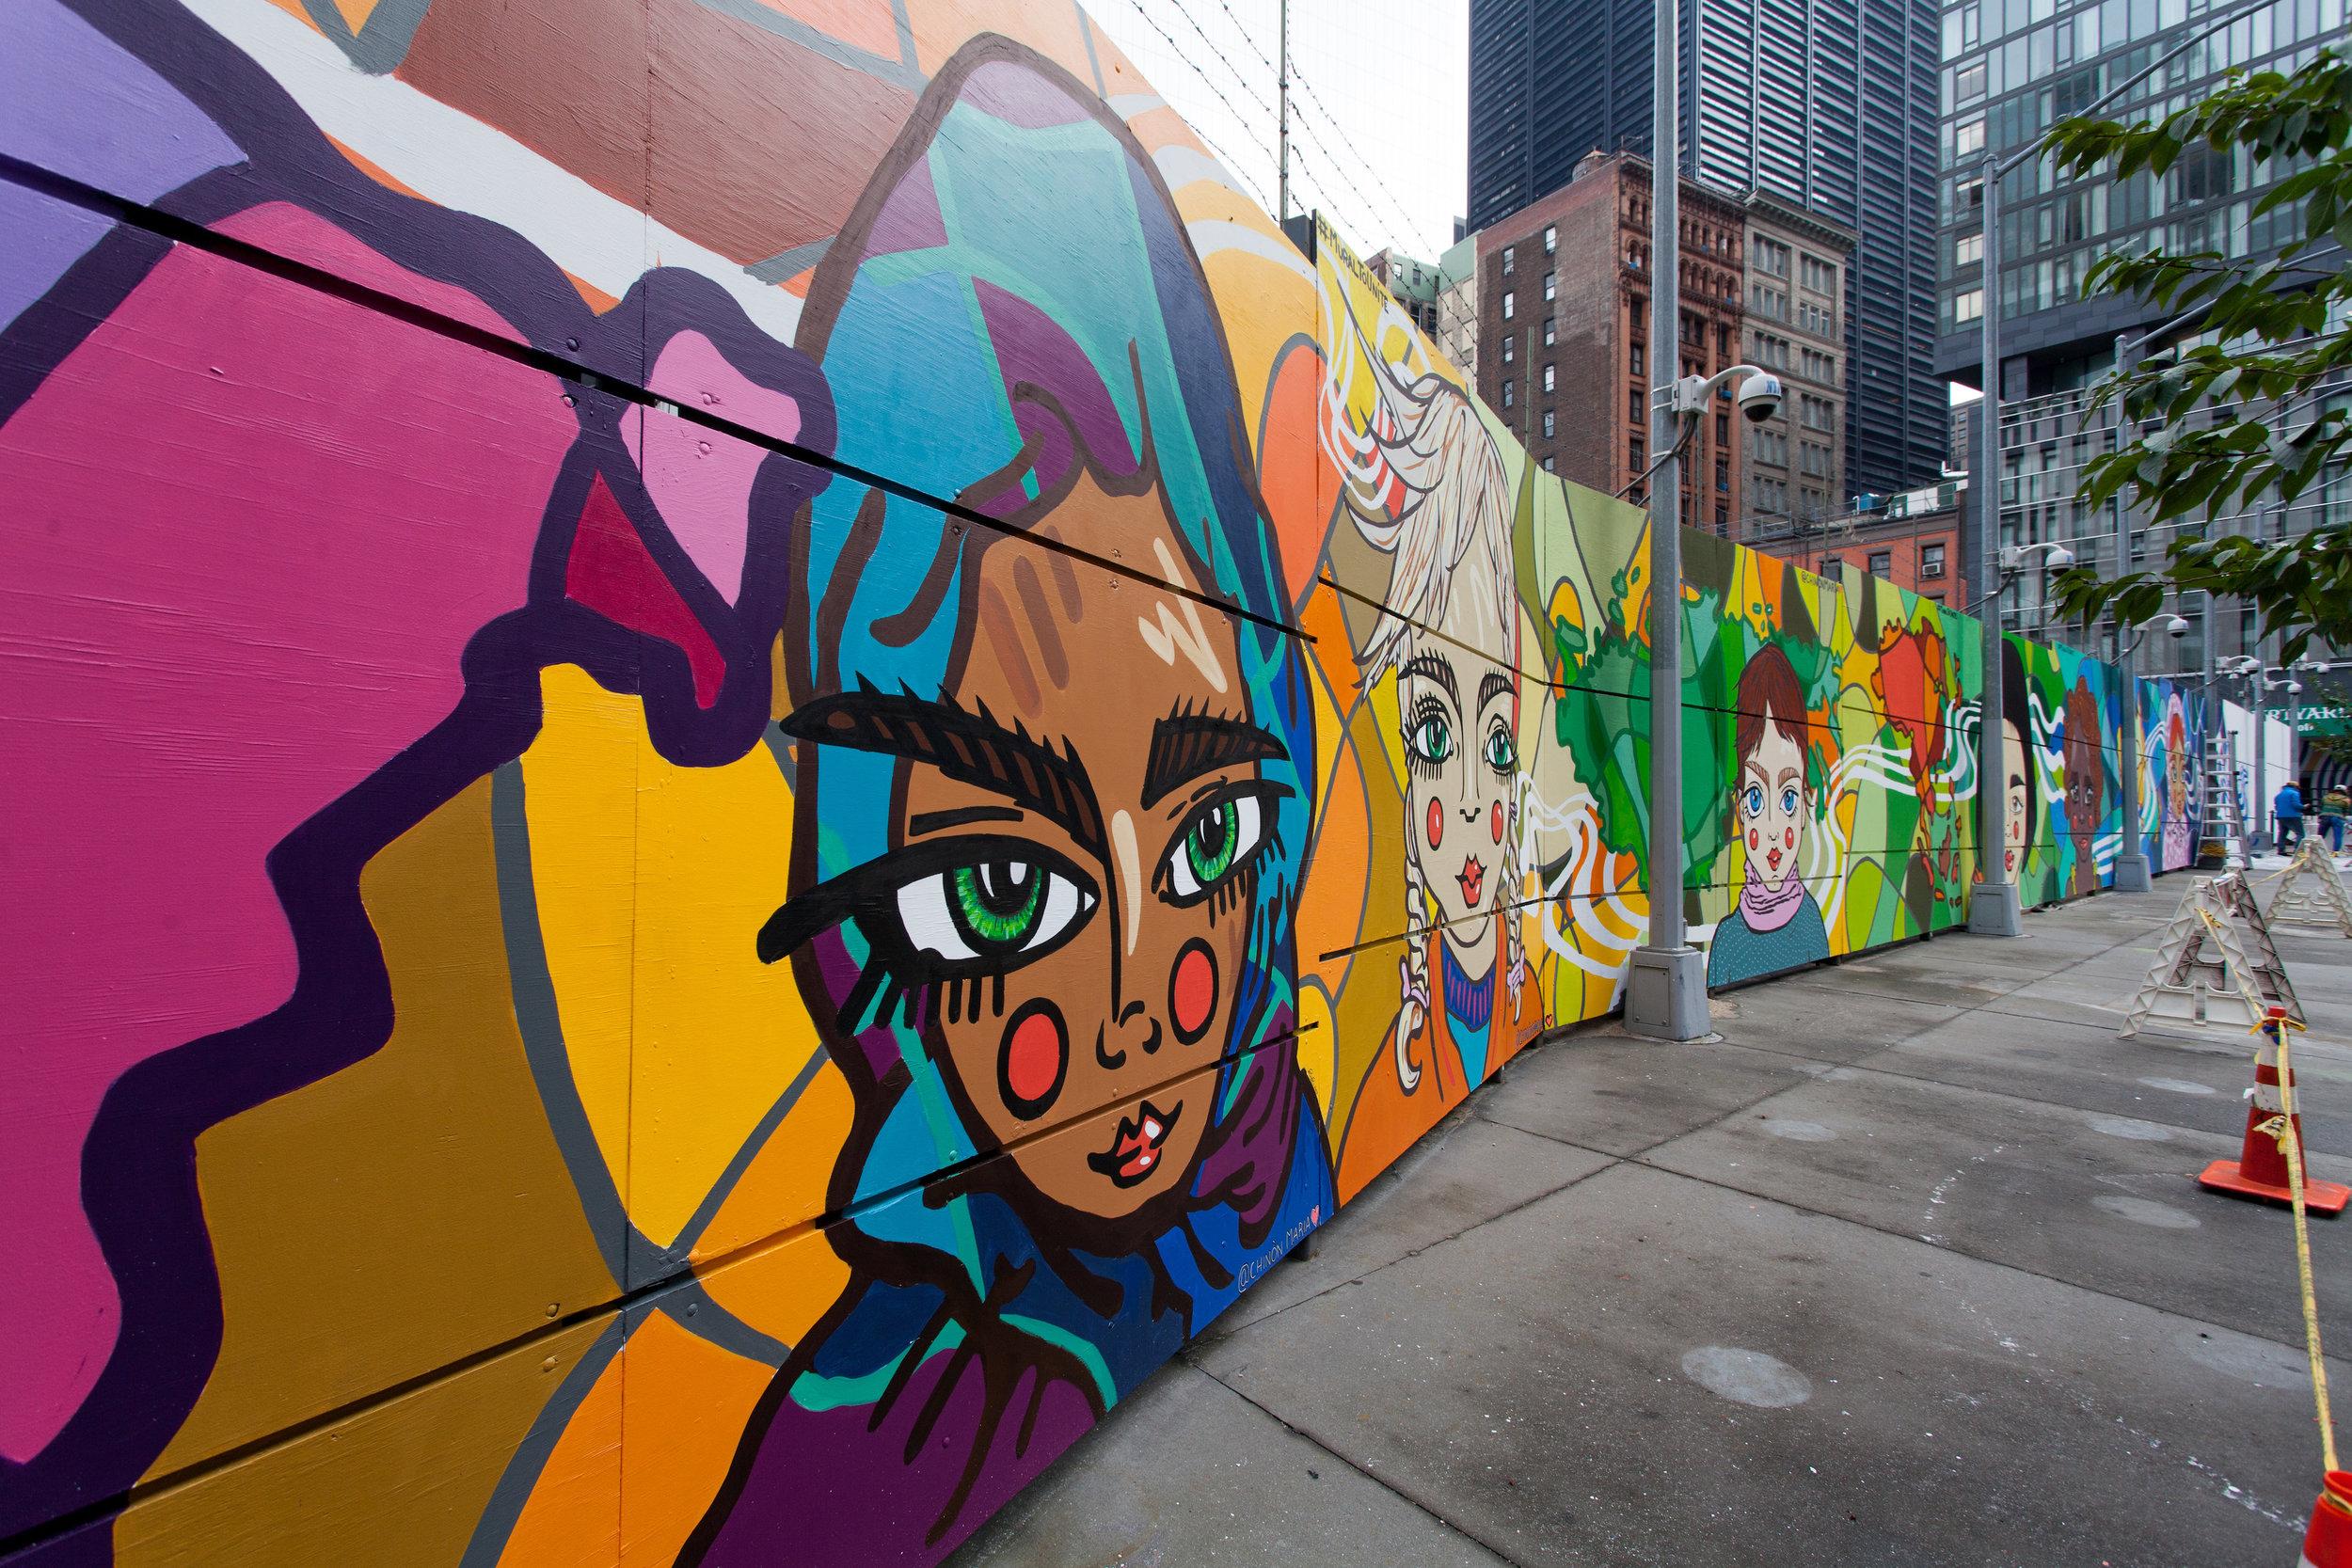 MuralToUnite-Photo-CooperNaitove.jpg